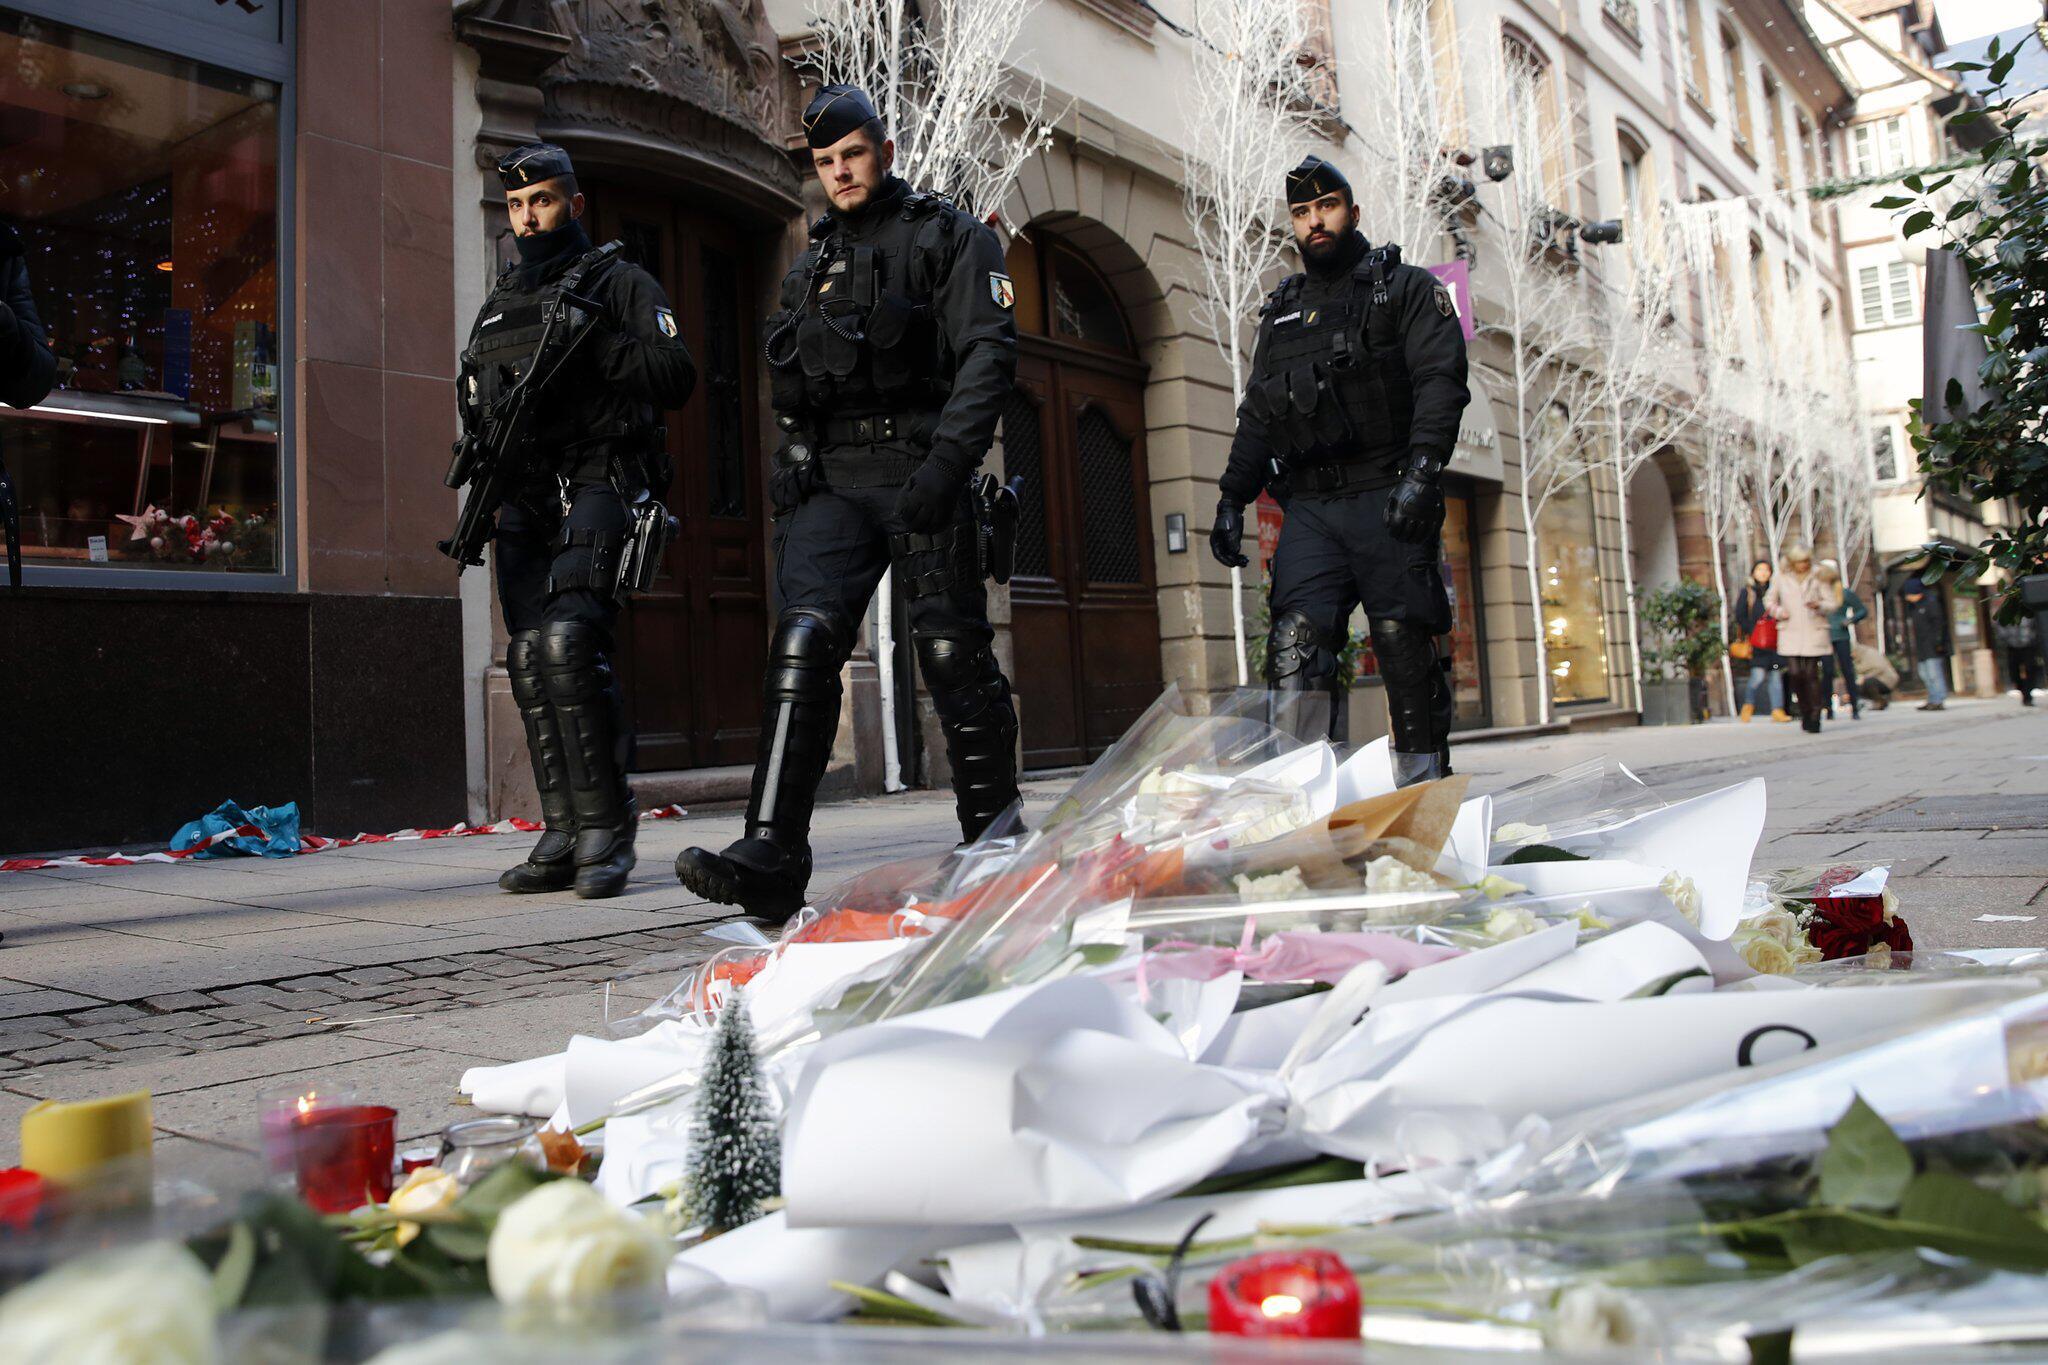 Bild zu Terroranschlag, Straßburg, Trauer, Polizisten, Blumen